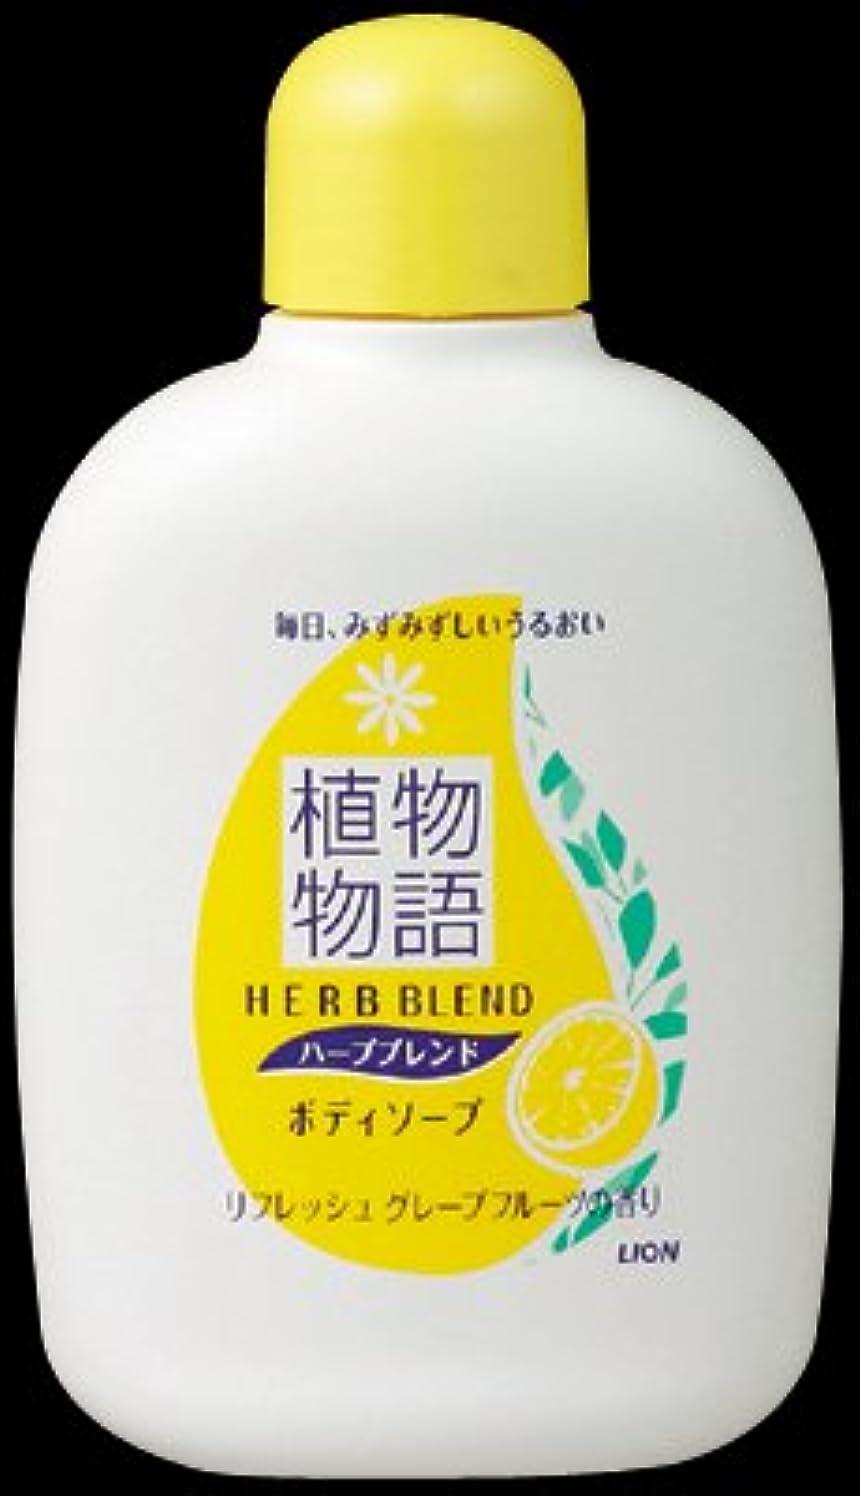 領収書磁器パッケージライオン 植物物語 ハーブブレンドボディソープ グレープフルーツの香り トラベル90ml×24点セット (4903301325048)